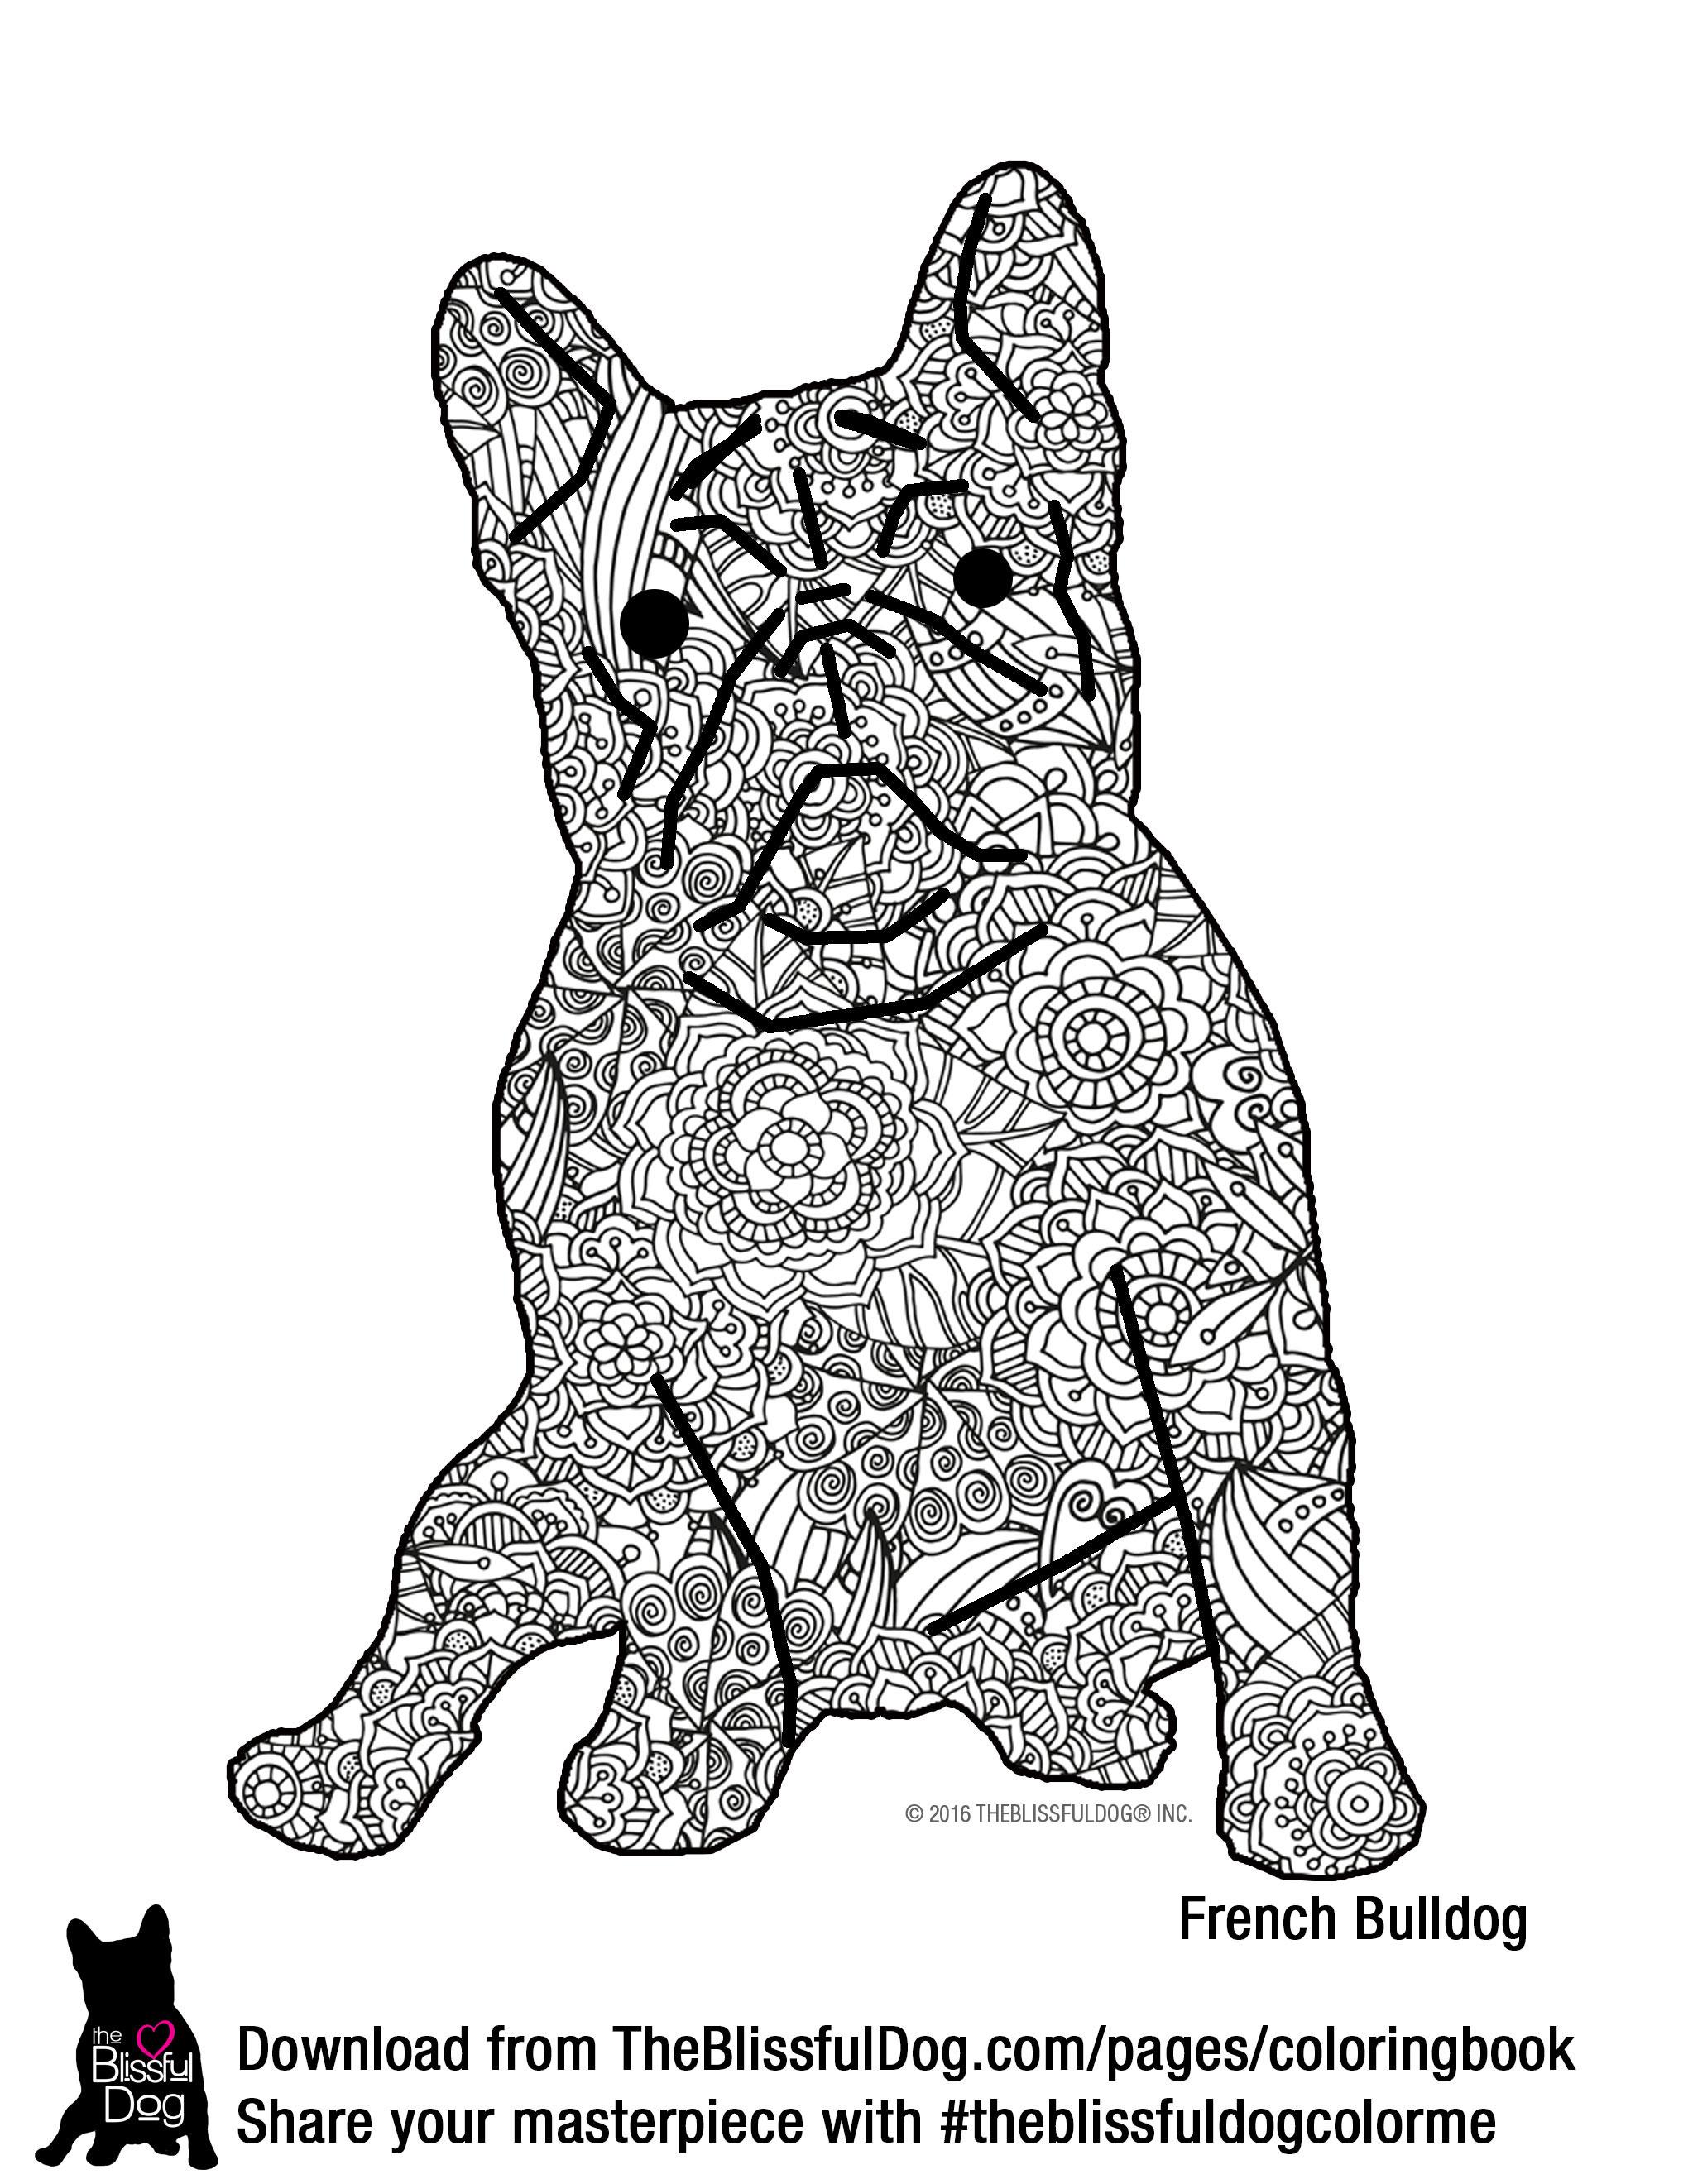 French Bulldog Coloring Download French Bulldog Coloring